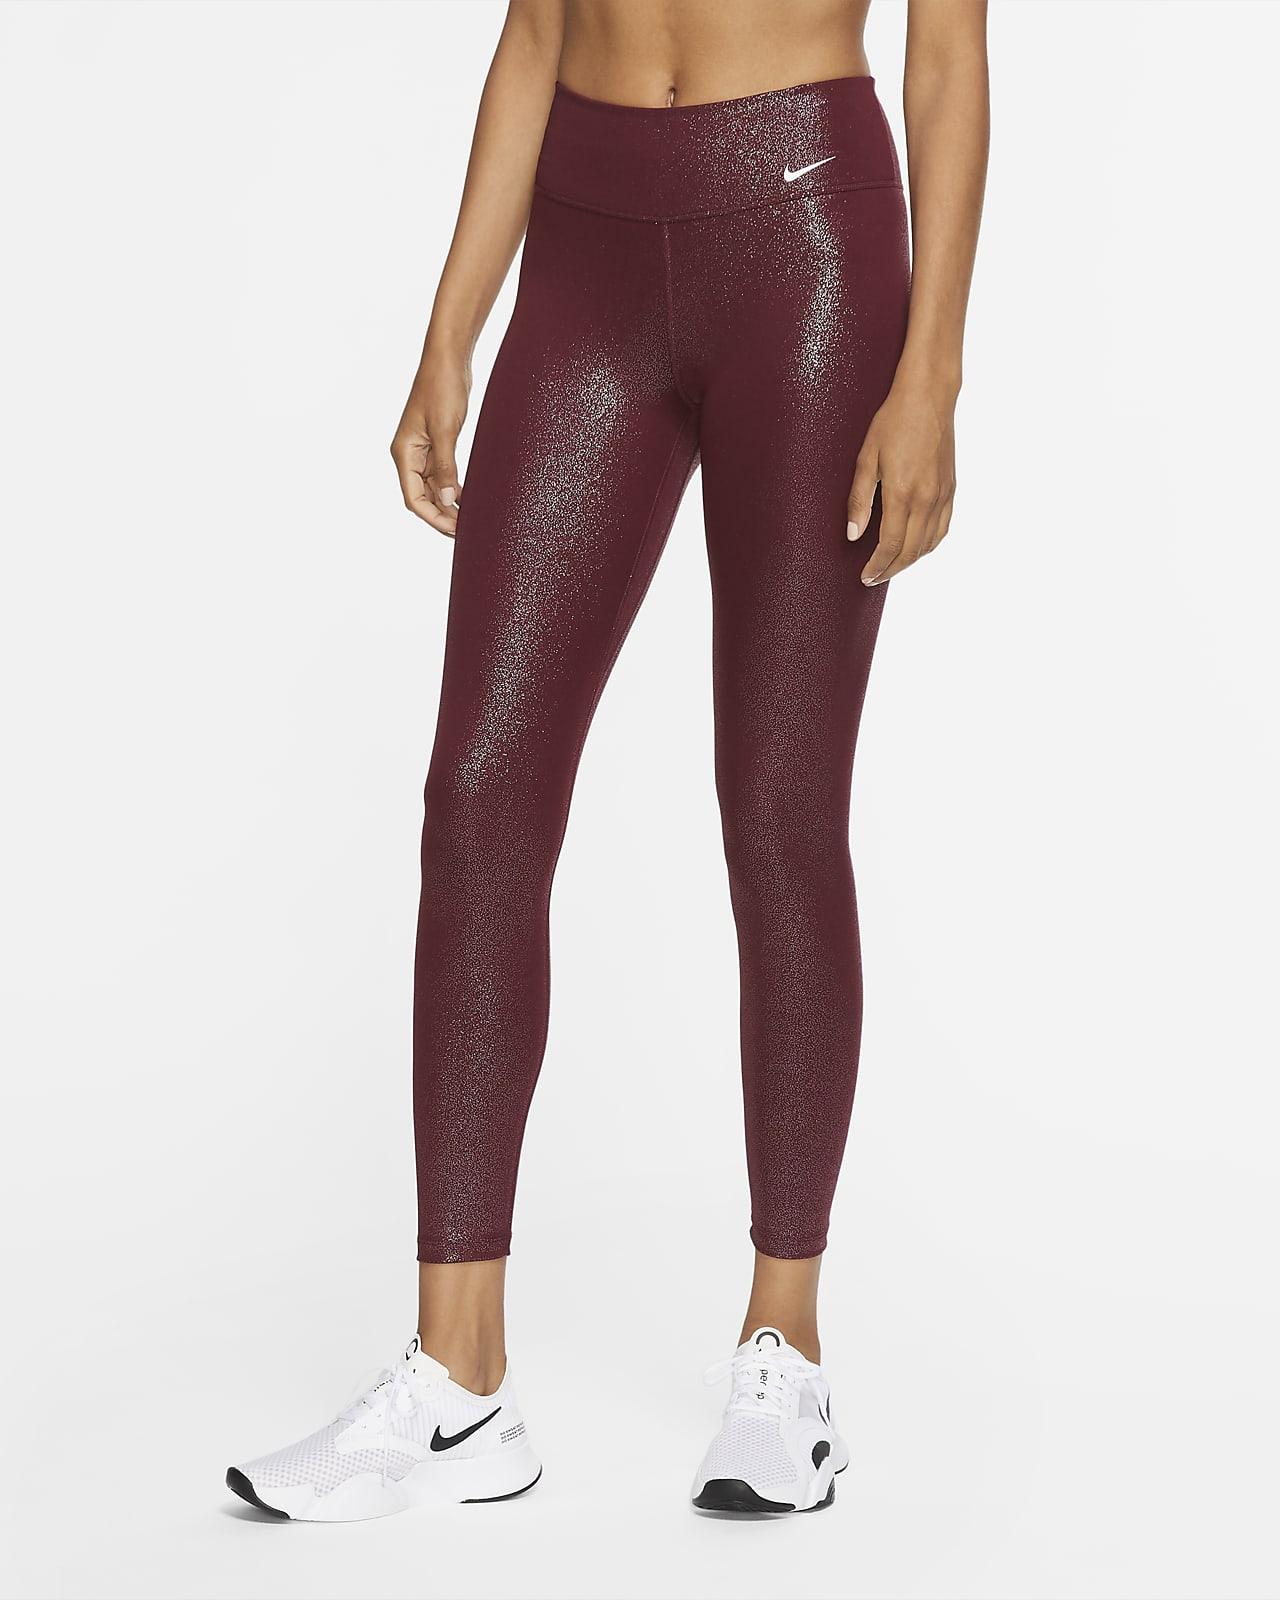 Nike One csillogó, 7/8-os női testhezálló nadrág